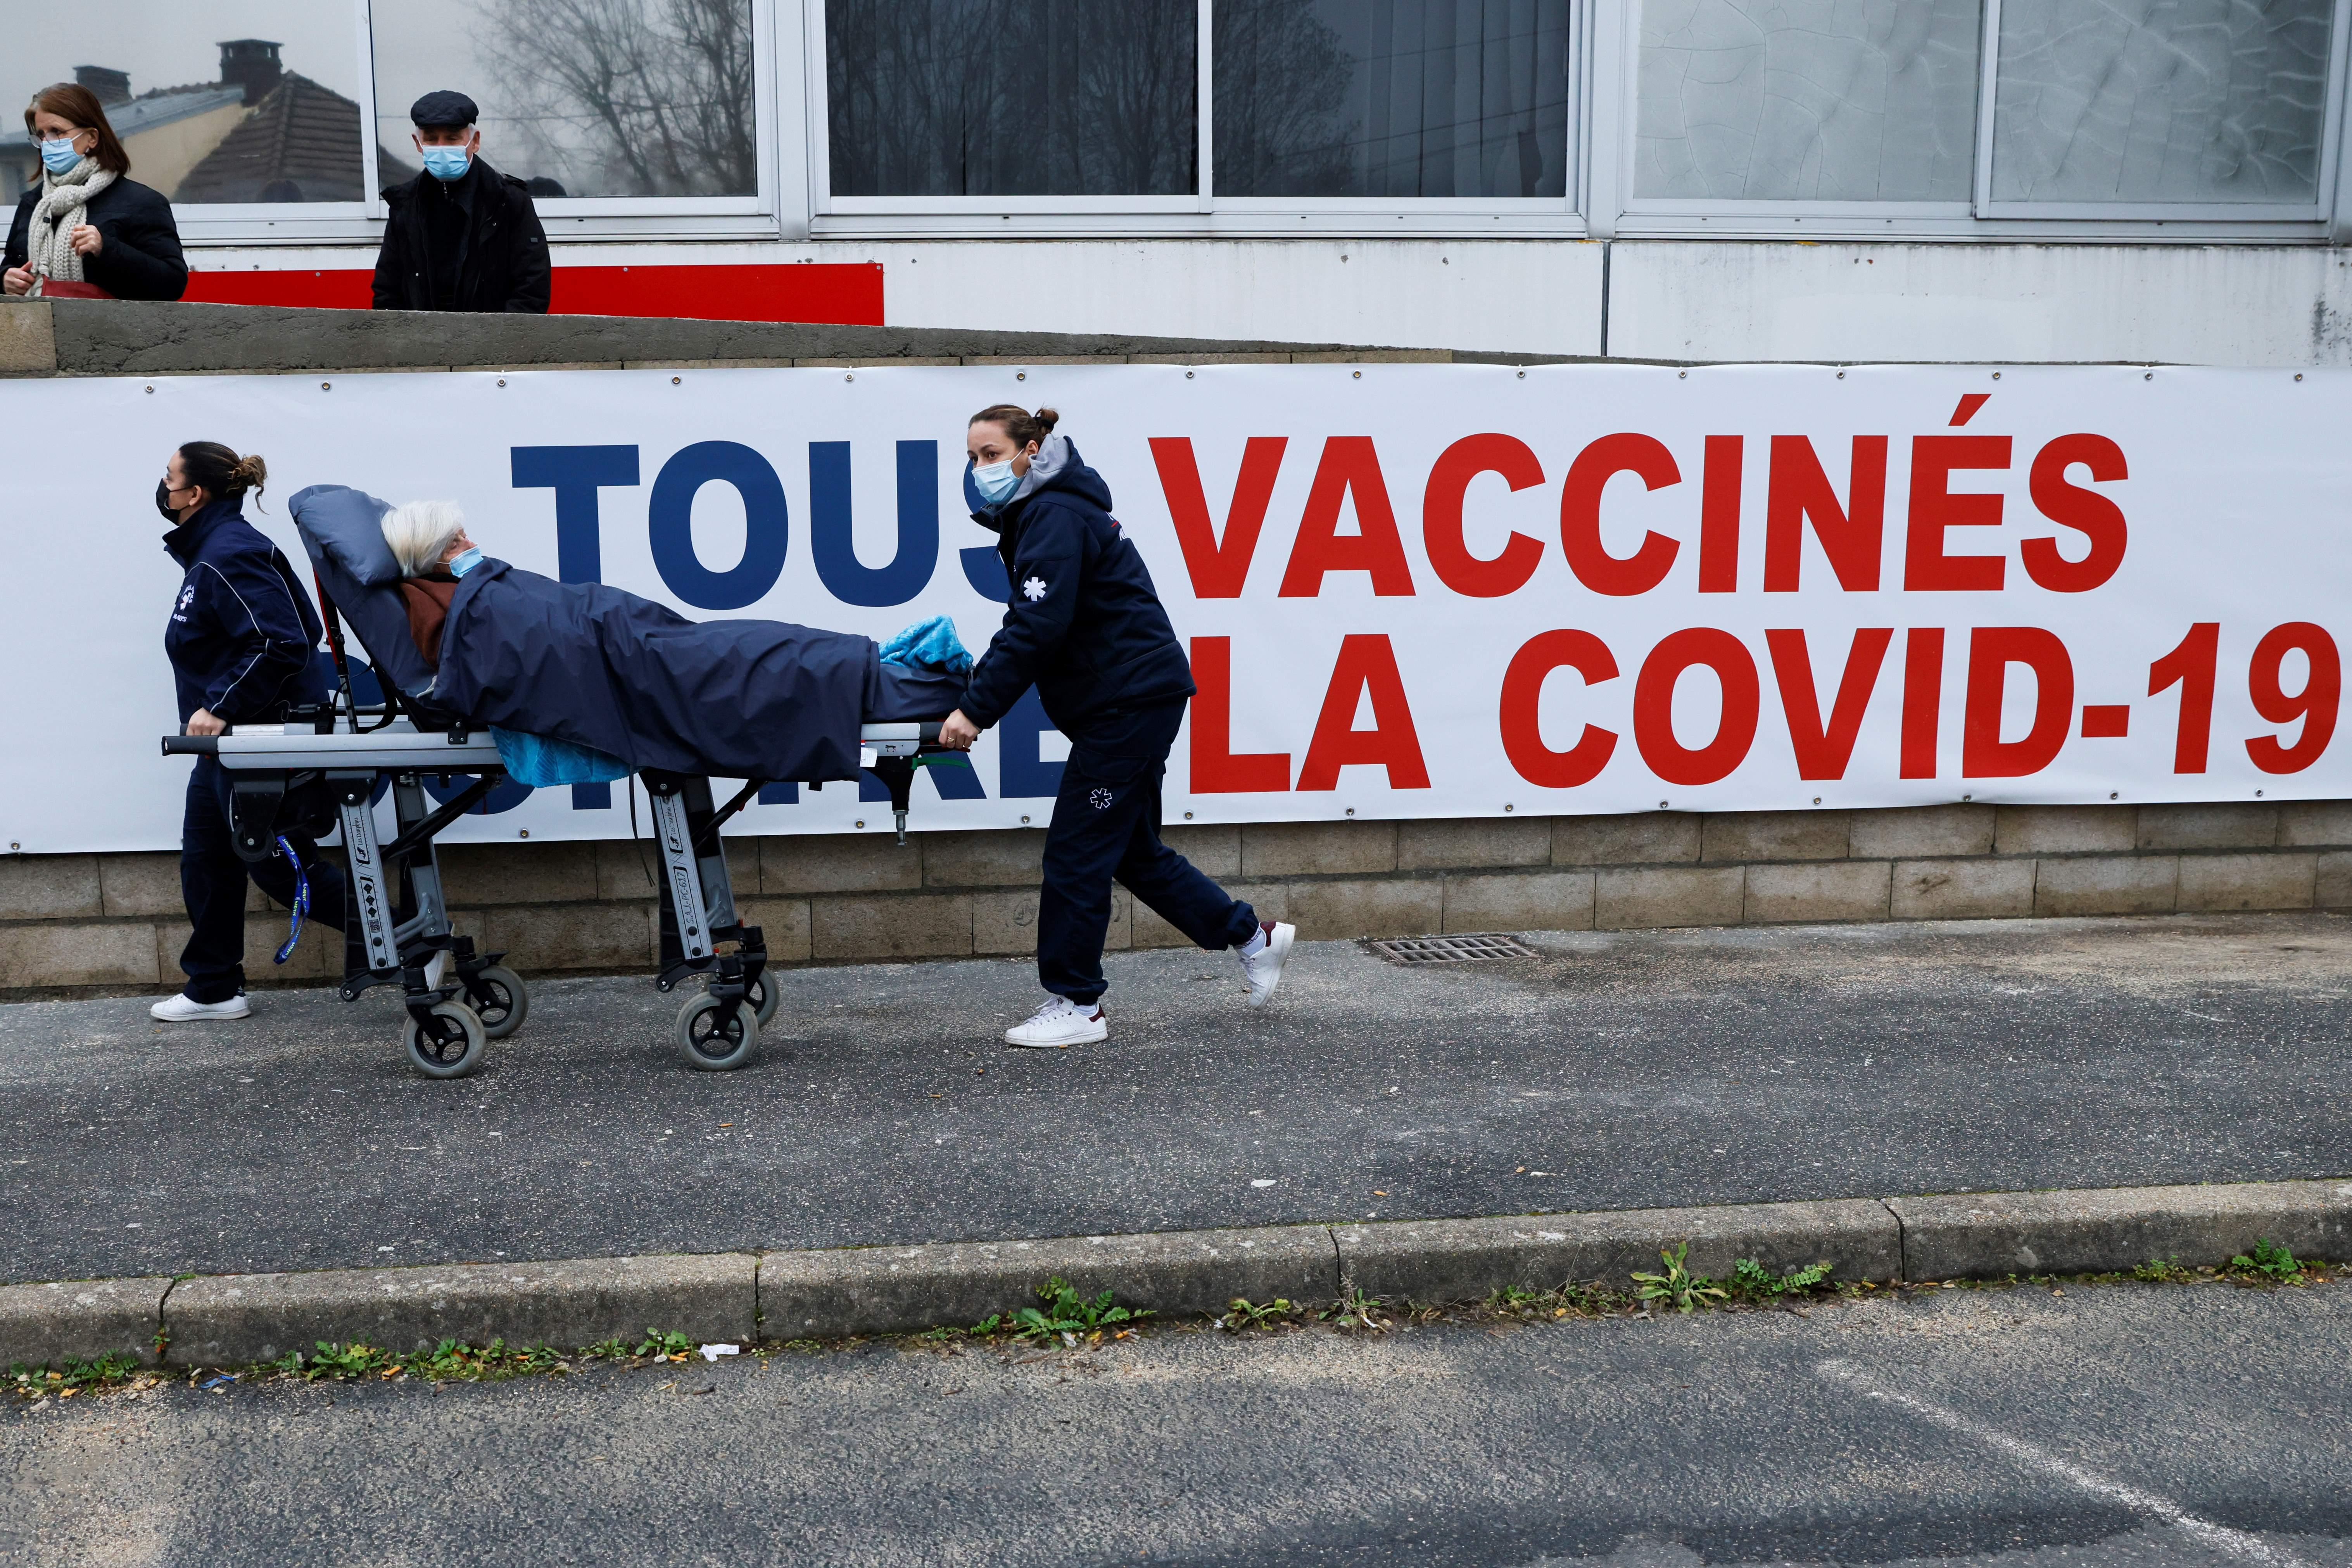 Fransa'da Covid-19 salgınında son 24 saatte 4 bin 317 yeni vaka